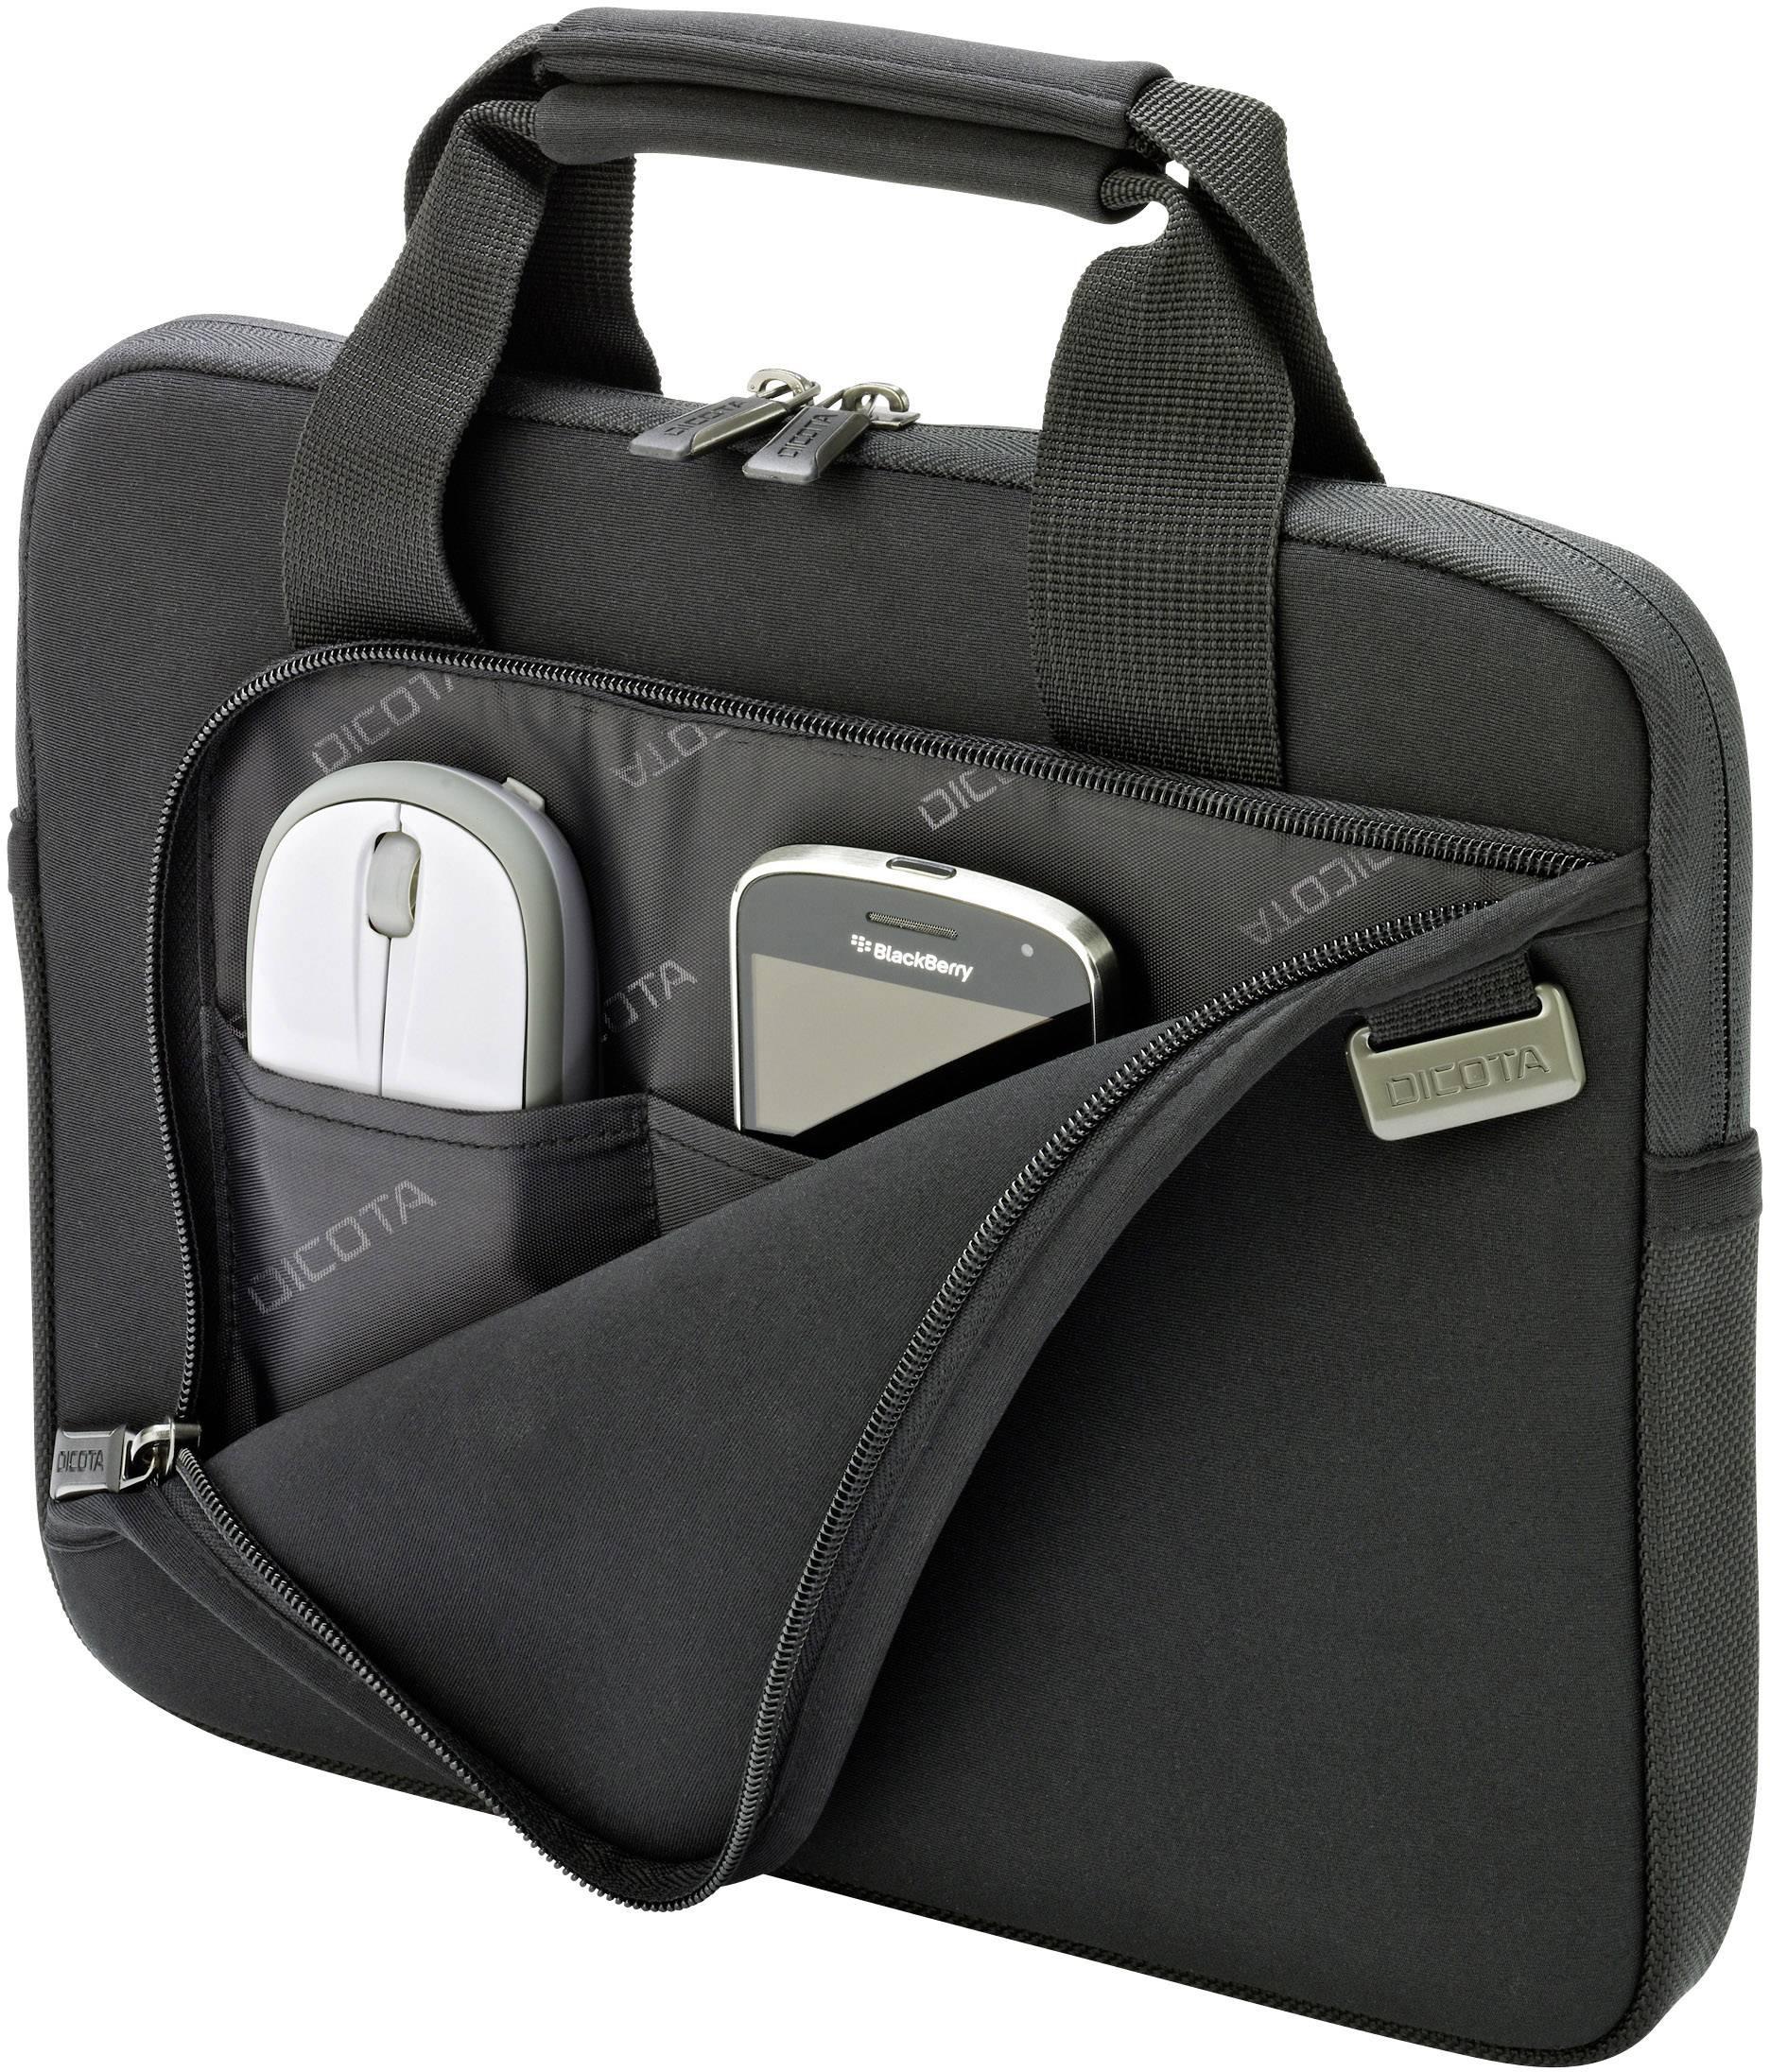 3d9f7a07b9b Dicota Laptoptas Smart Skin Geschikt voor max.: 39,6 cm (15,6